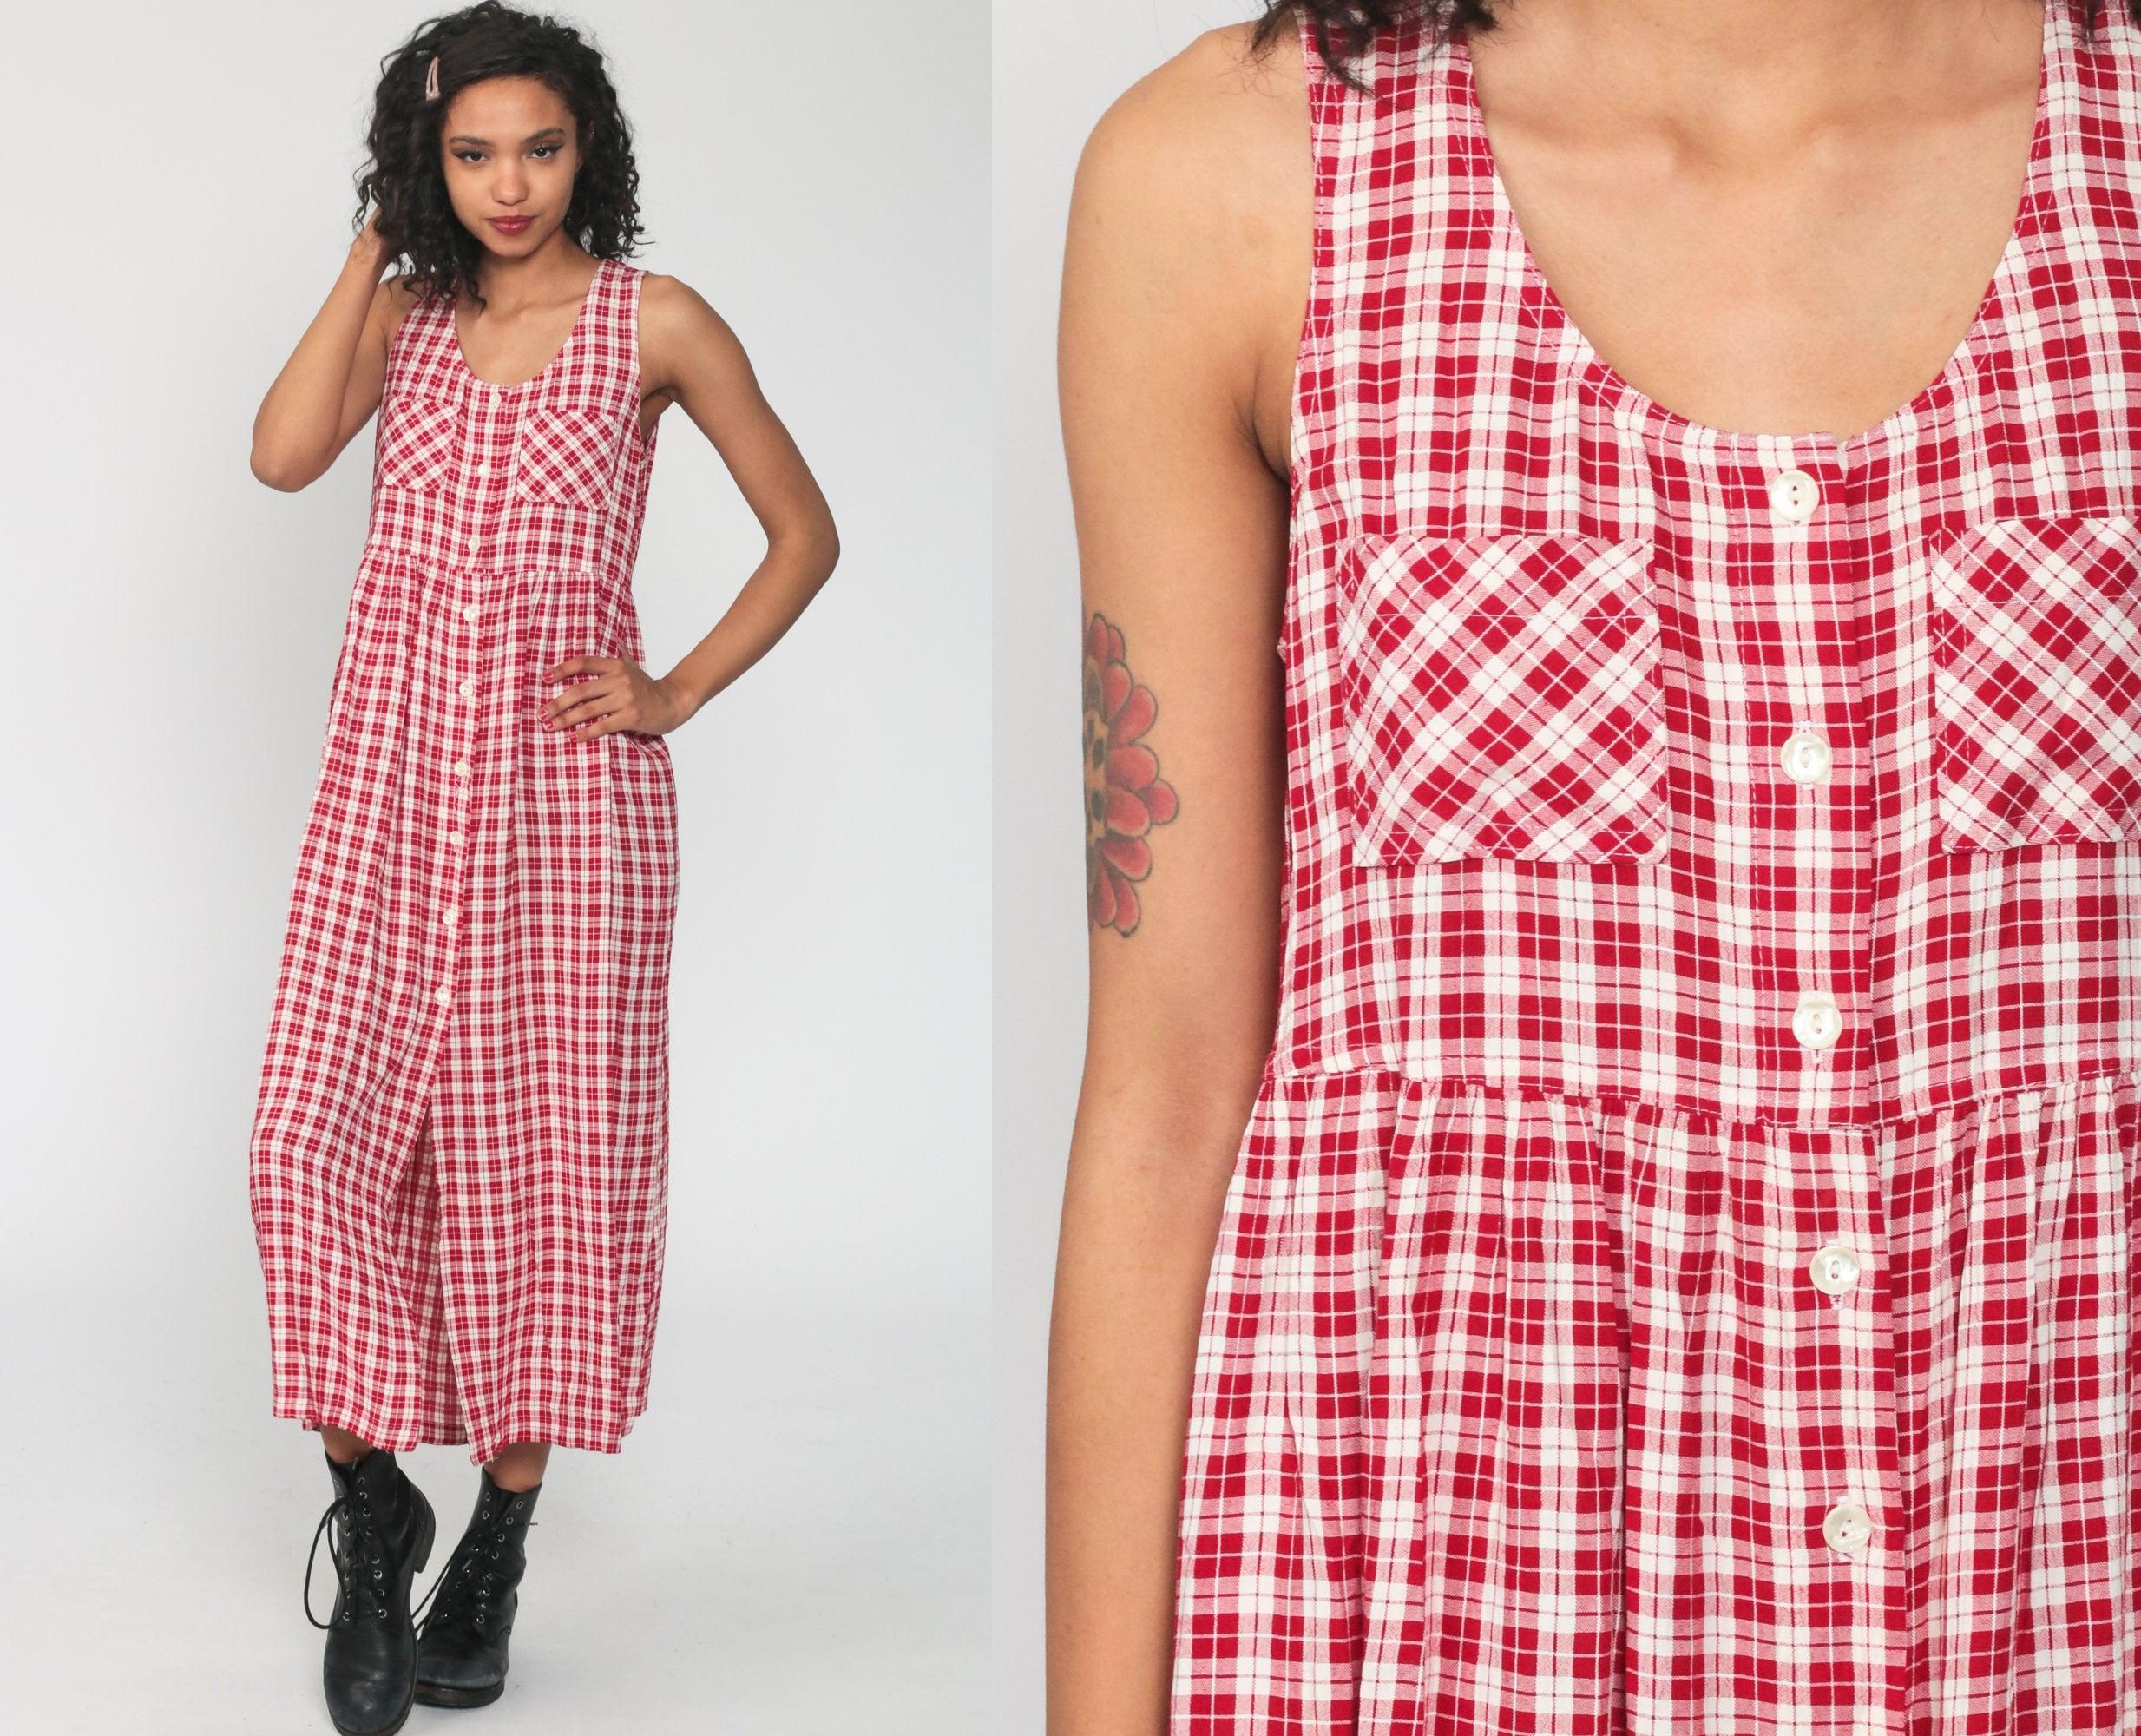 1990s gingham jumper dress size medium vintage market dress Vintage 90s cottagecore dress